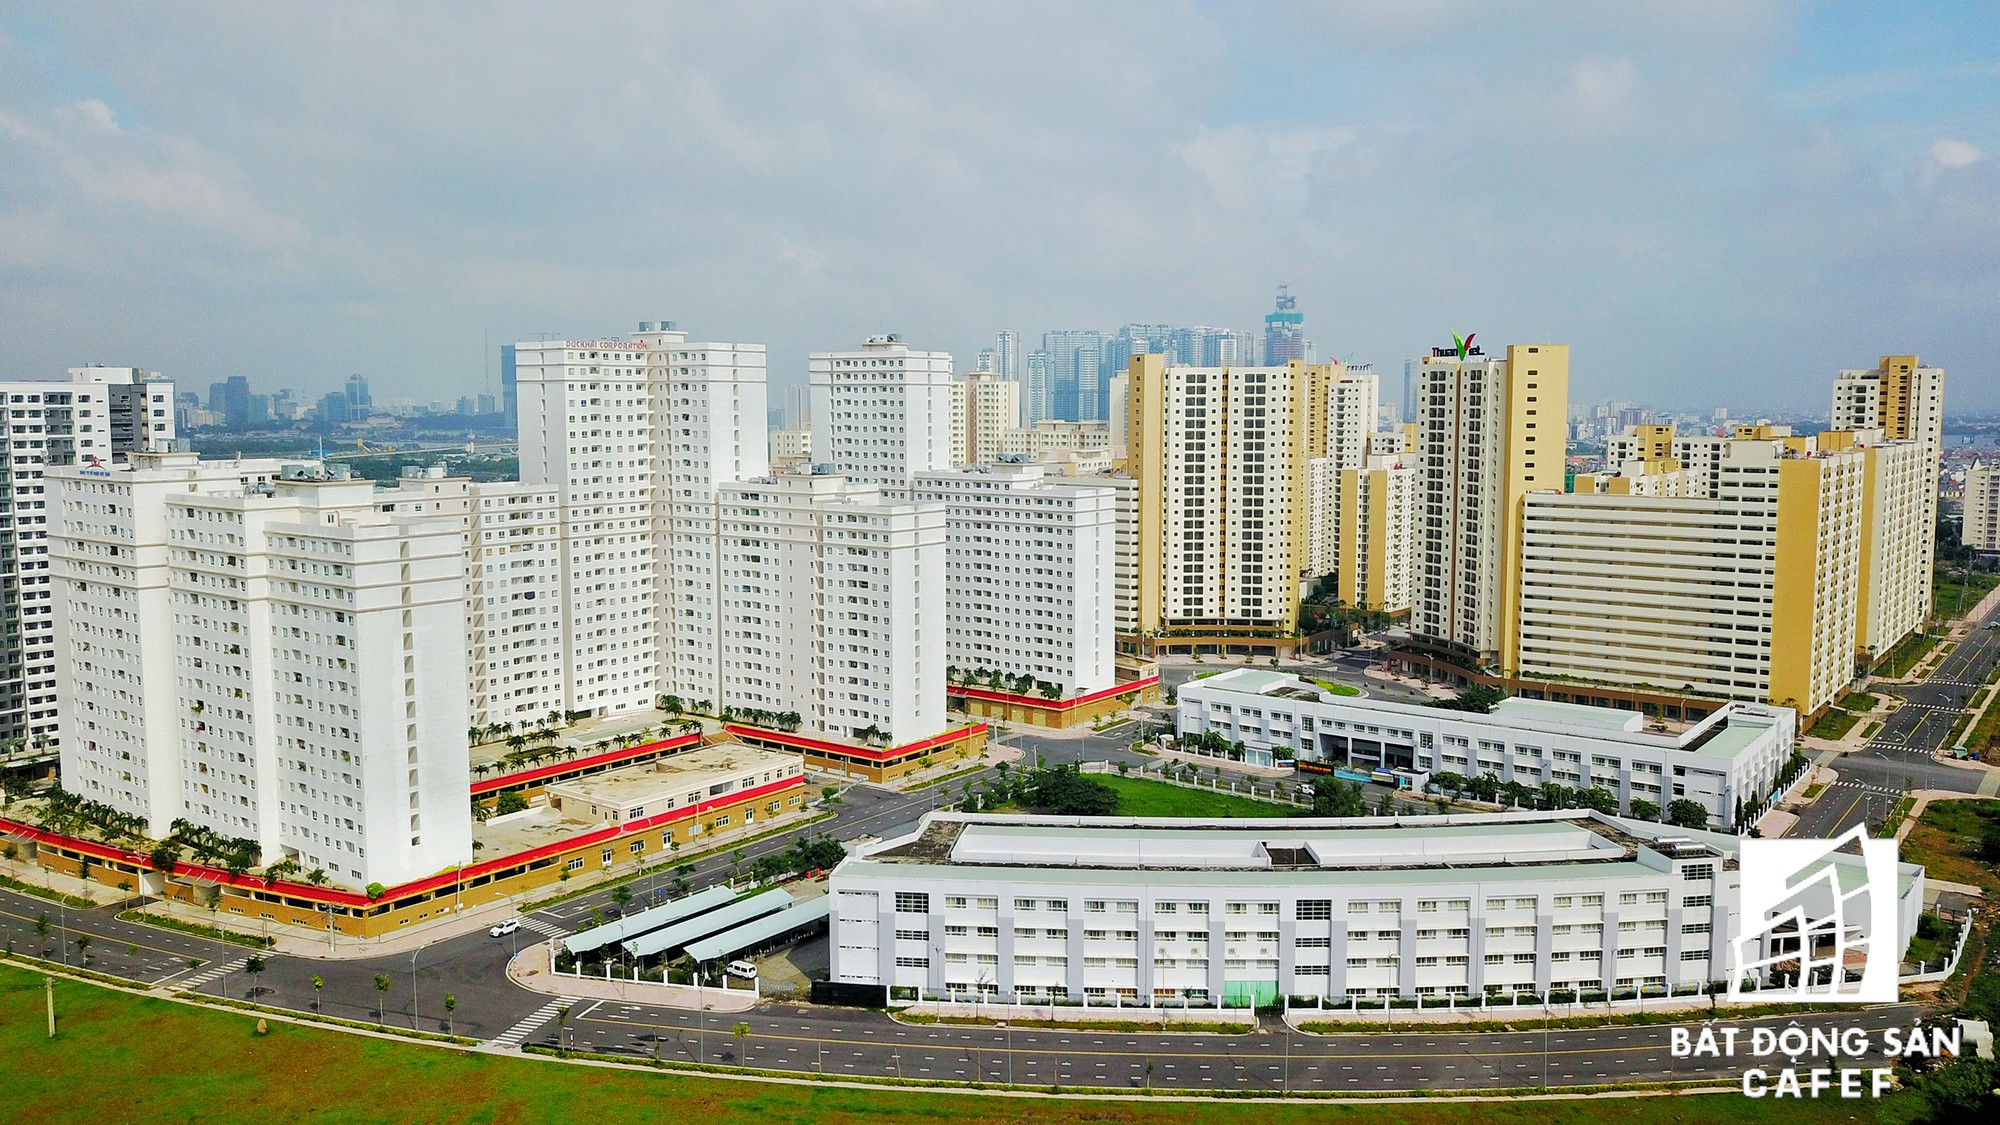 Toàn cảnh khu tái định cư đồ sộ nhất TPHCM, chục nghìn căn hộ không ai ở, bán đấu giá nhiều lần thất bại - Ảnh 3.